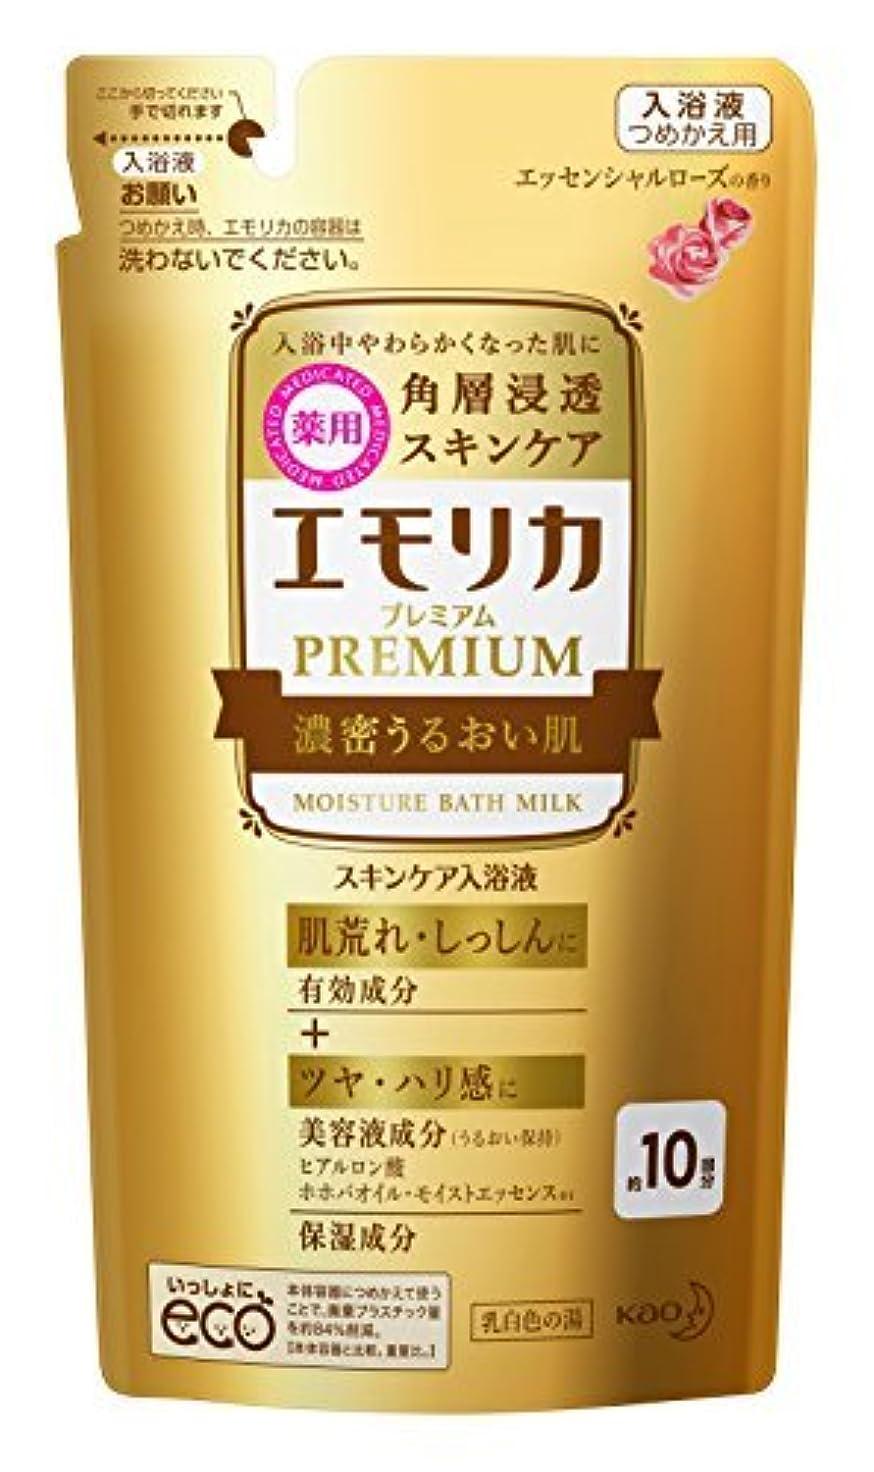 どうやらイースター風景エモリカ プレミアム 濃密うるおい肌 つめかえ用 300ml 入浴剤 Japan